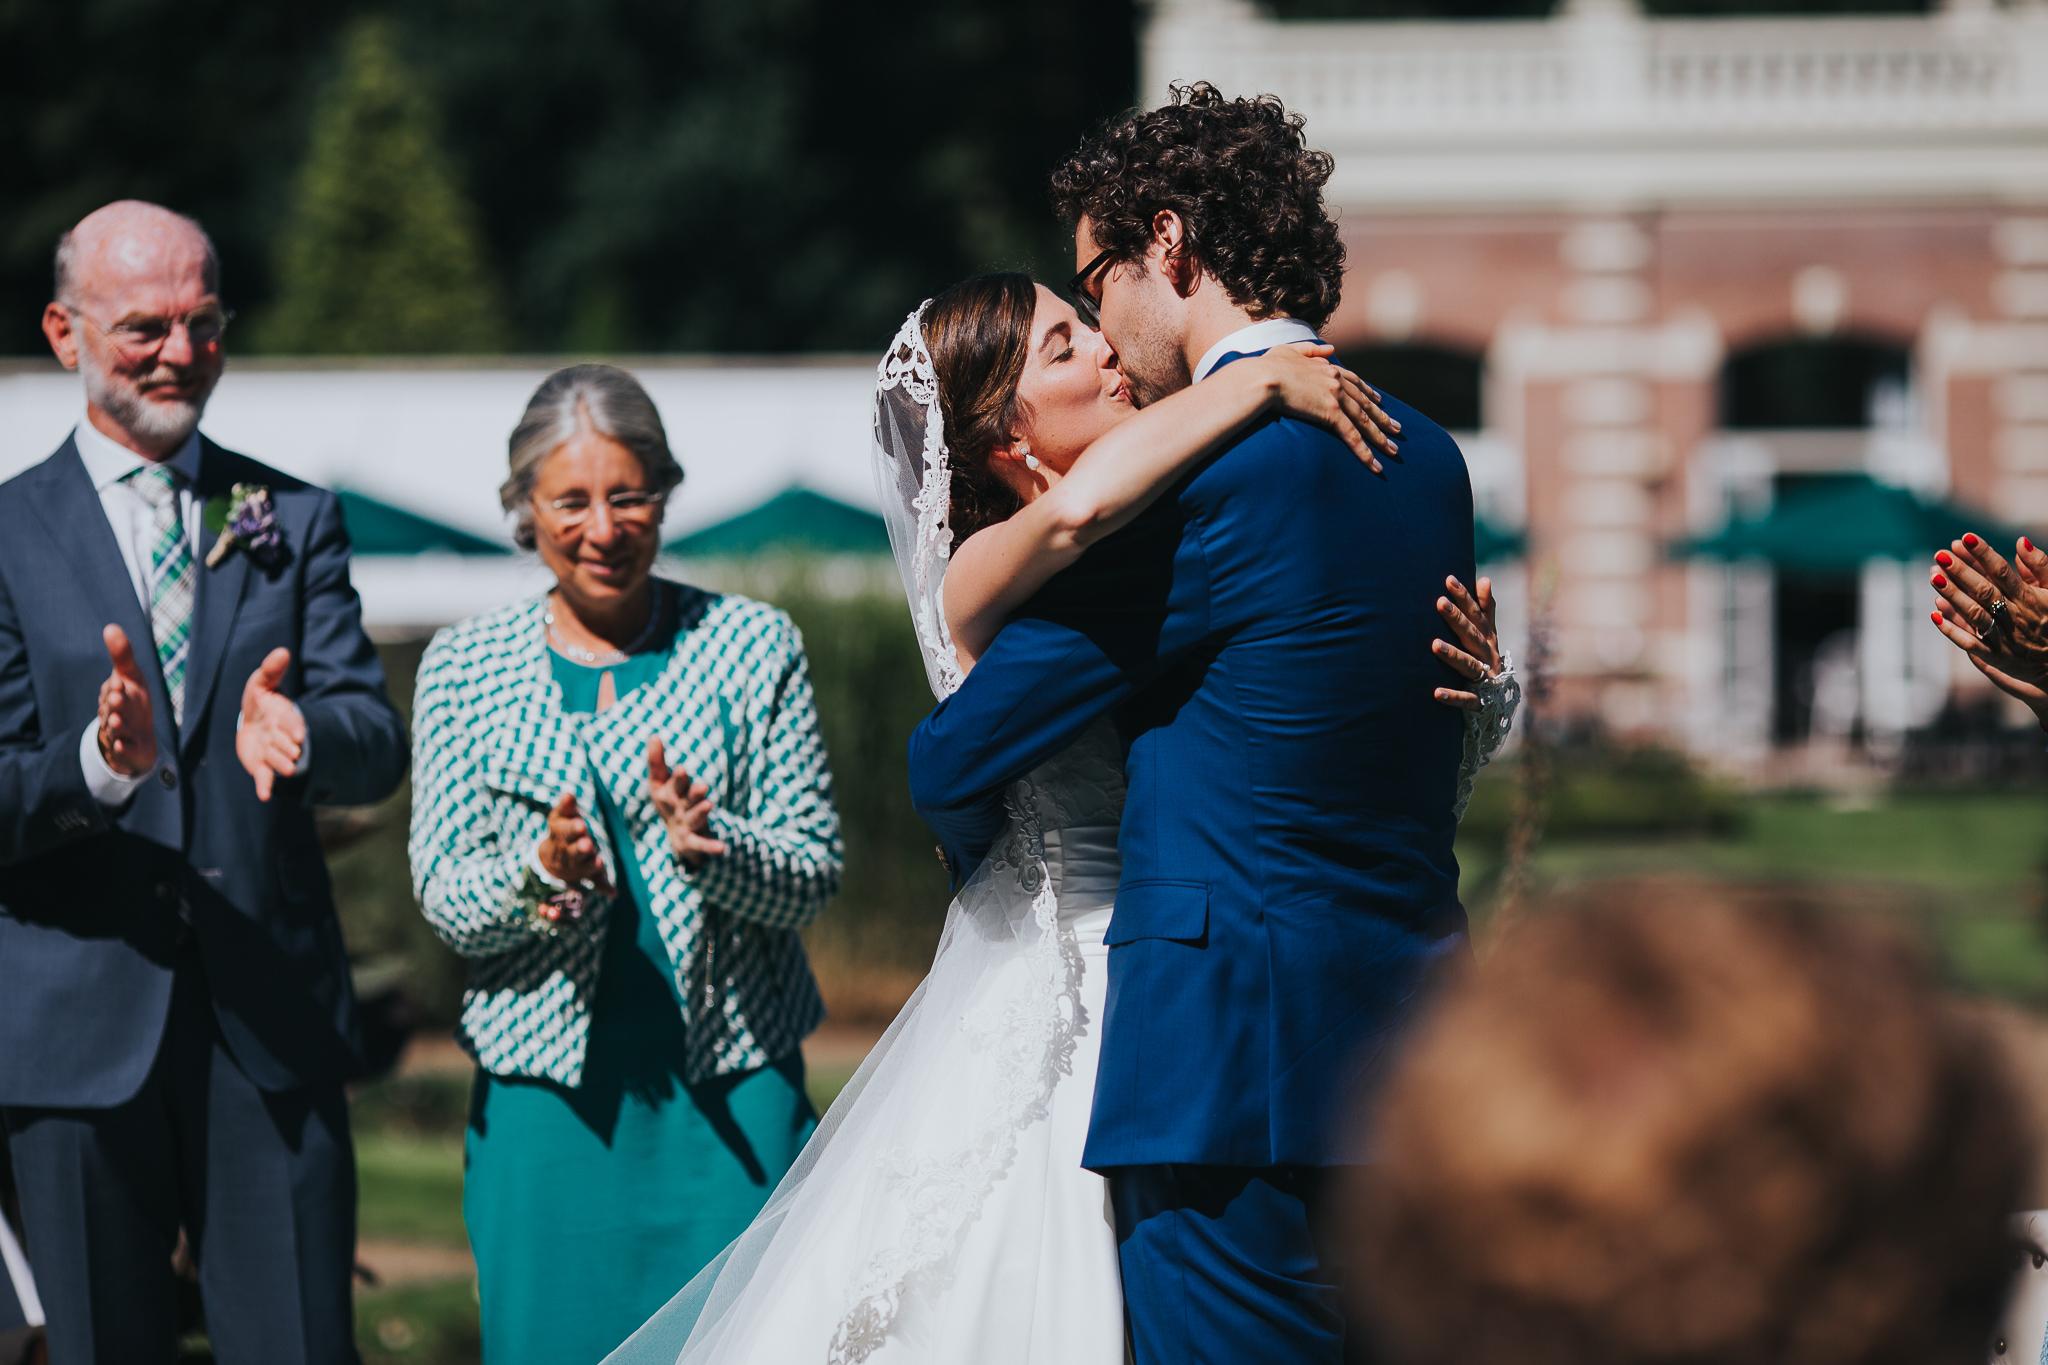 weddings Froukje Wilming-20.jpg